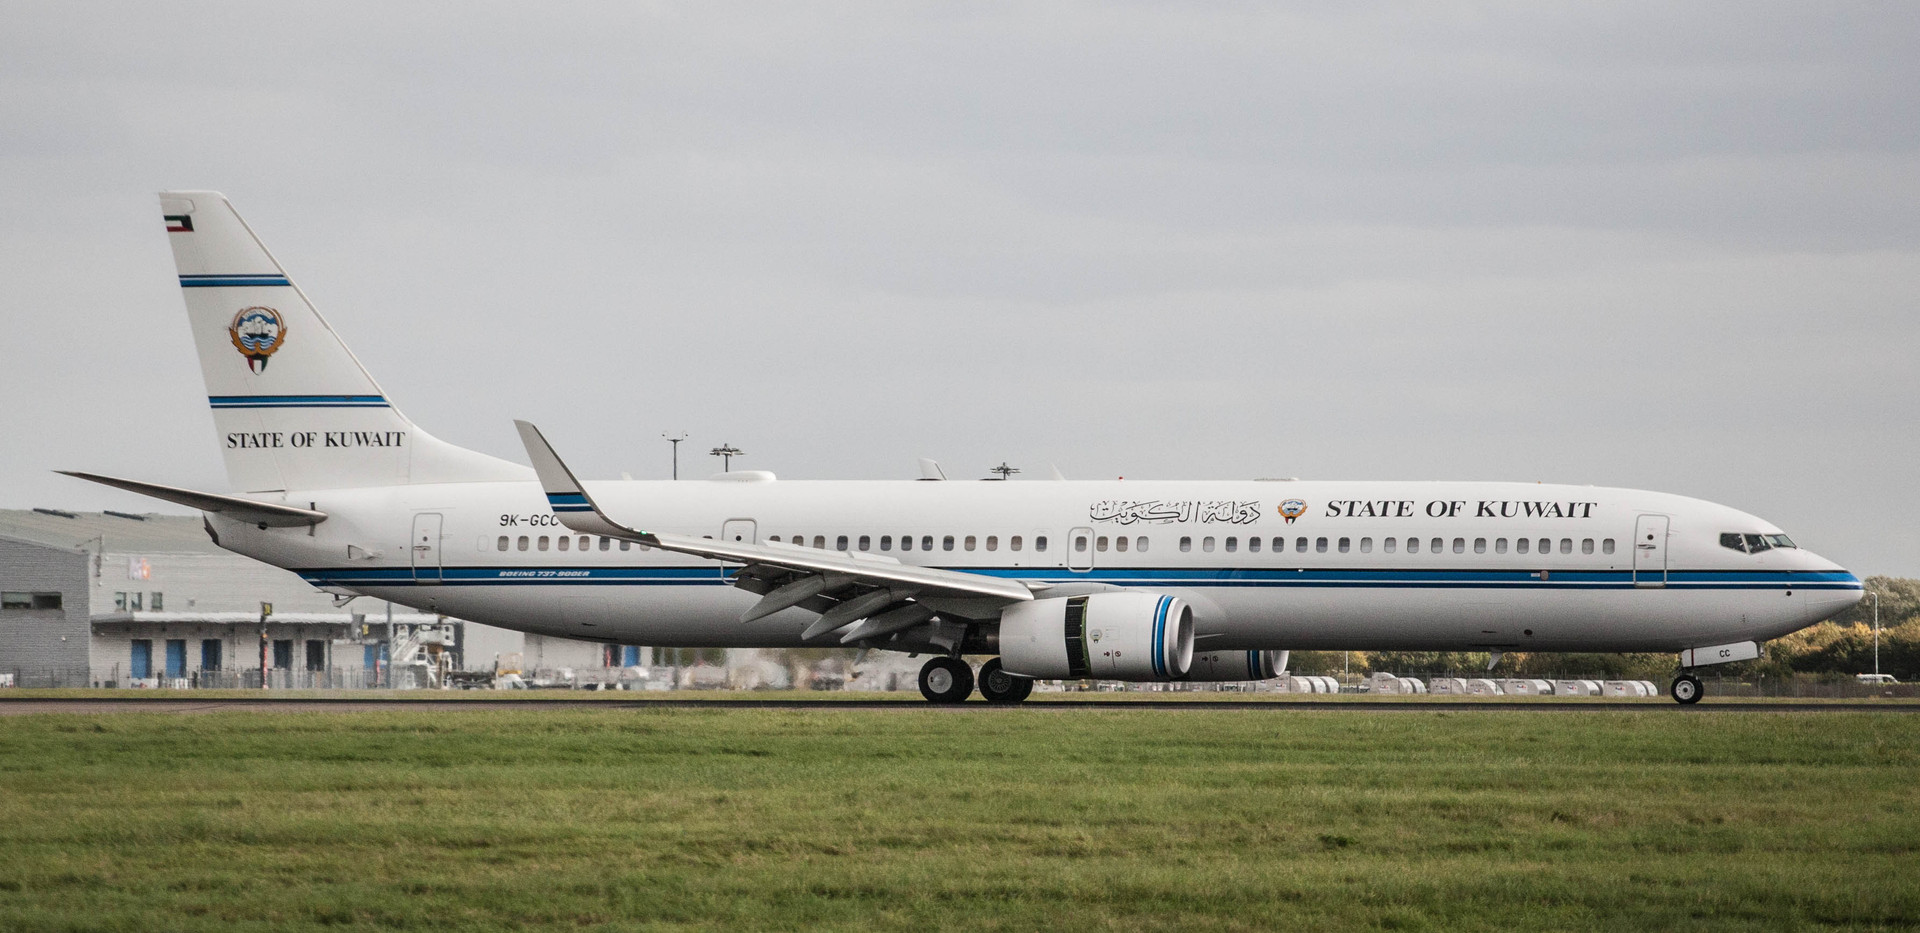 Boeing 737 Next Gen - MSN 37632 - 9K-GCC